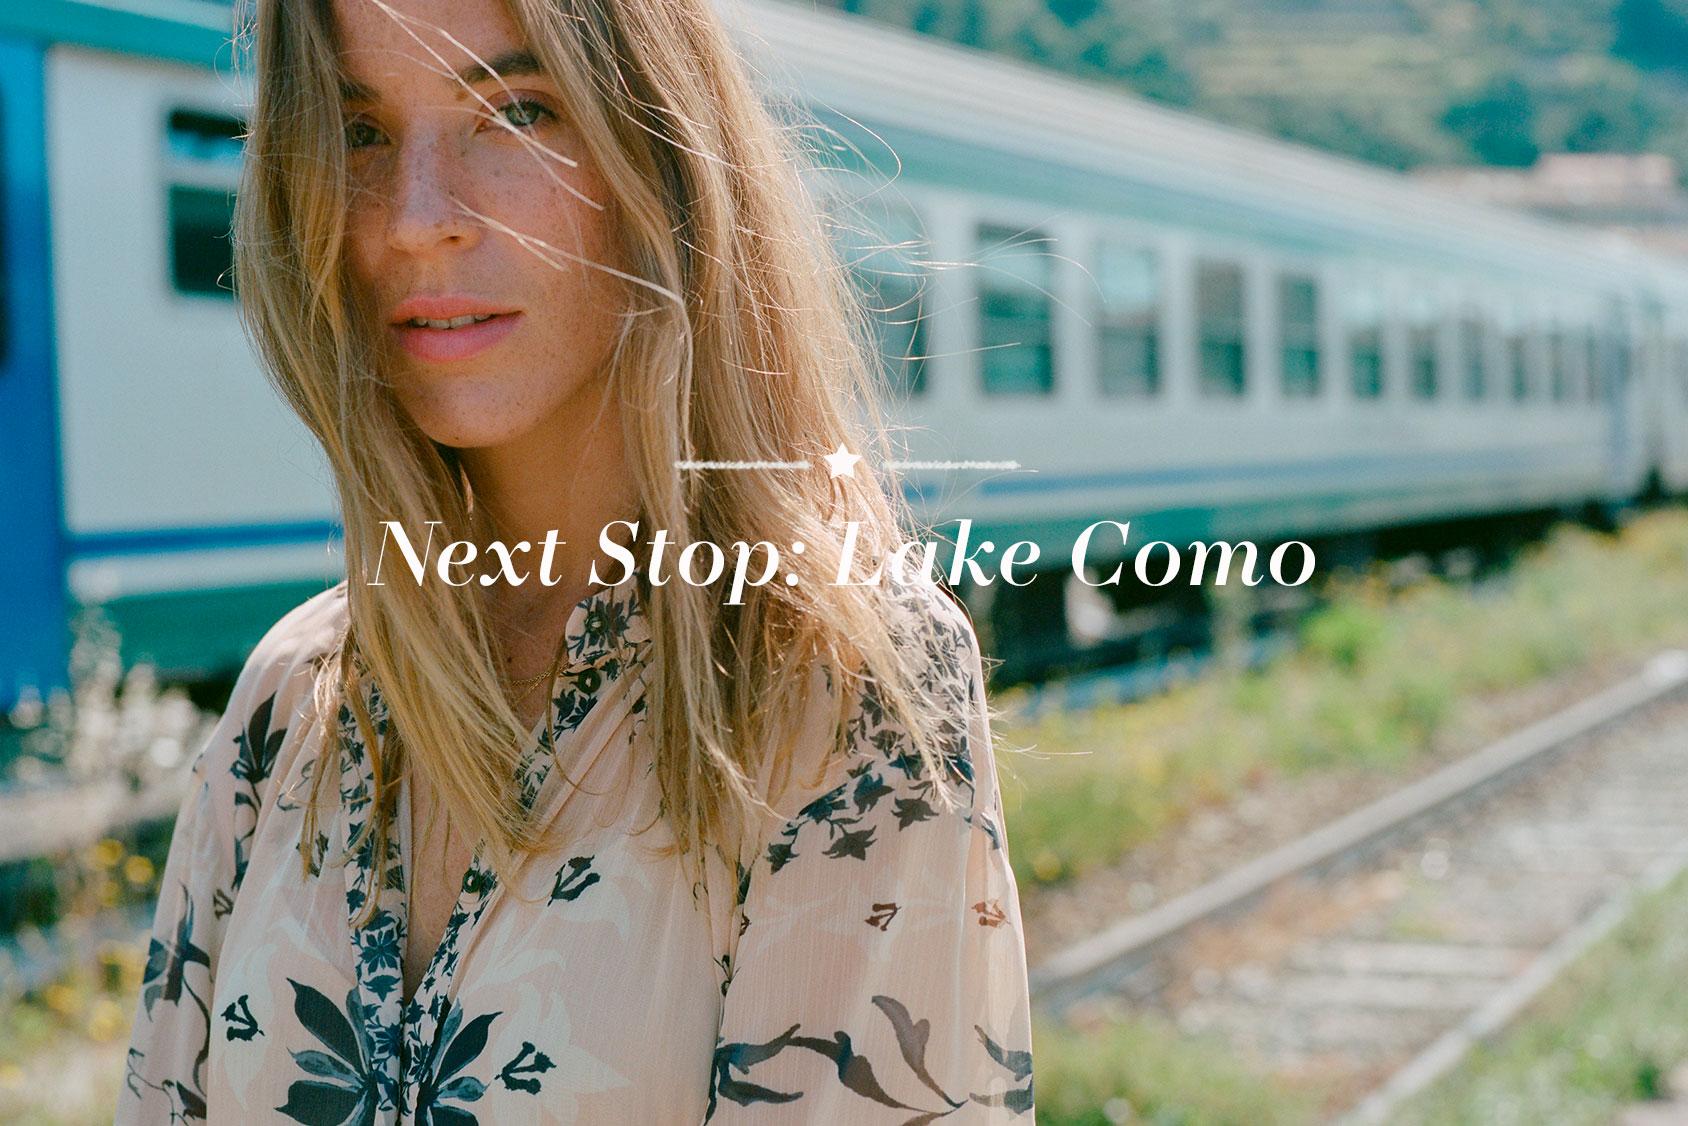 Next Stop: Lake Como